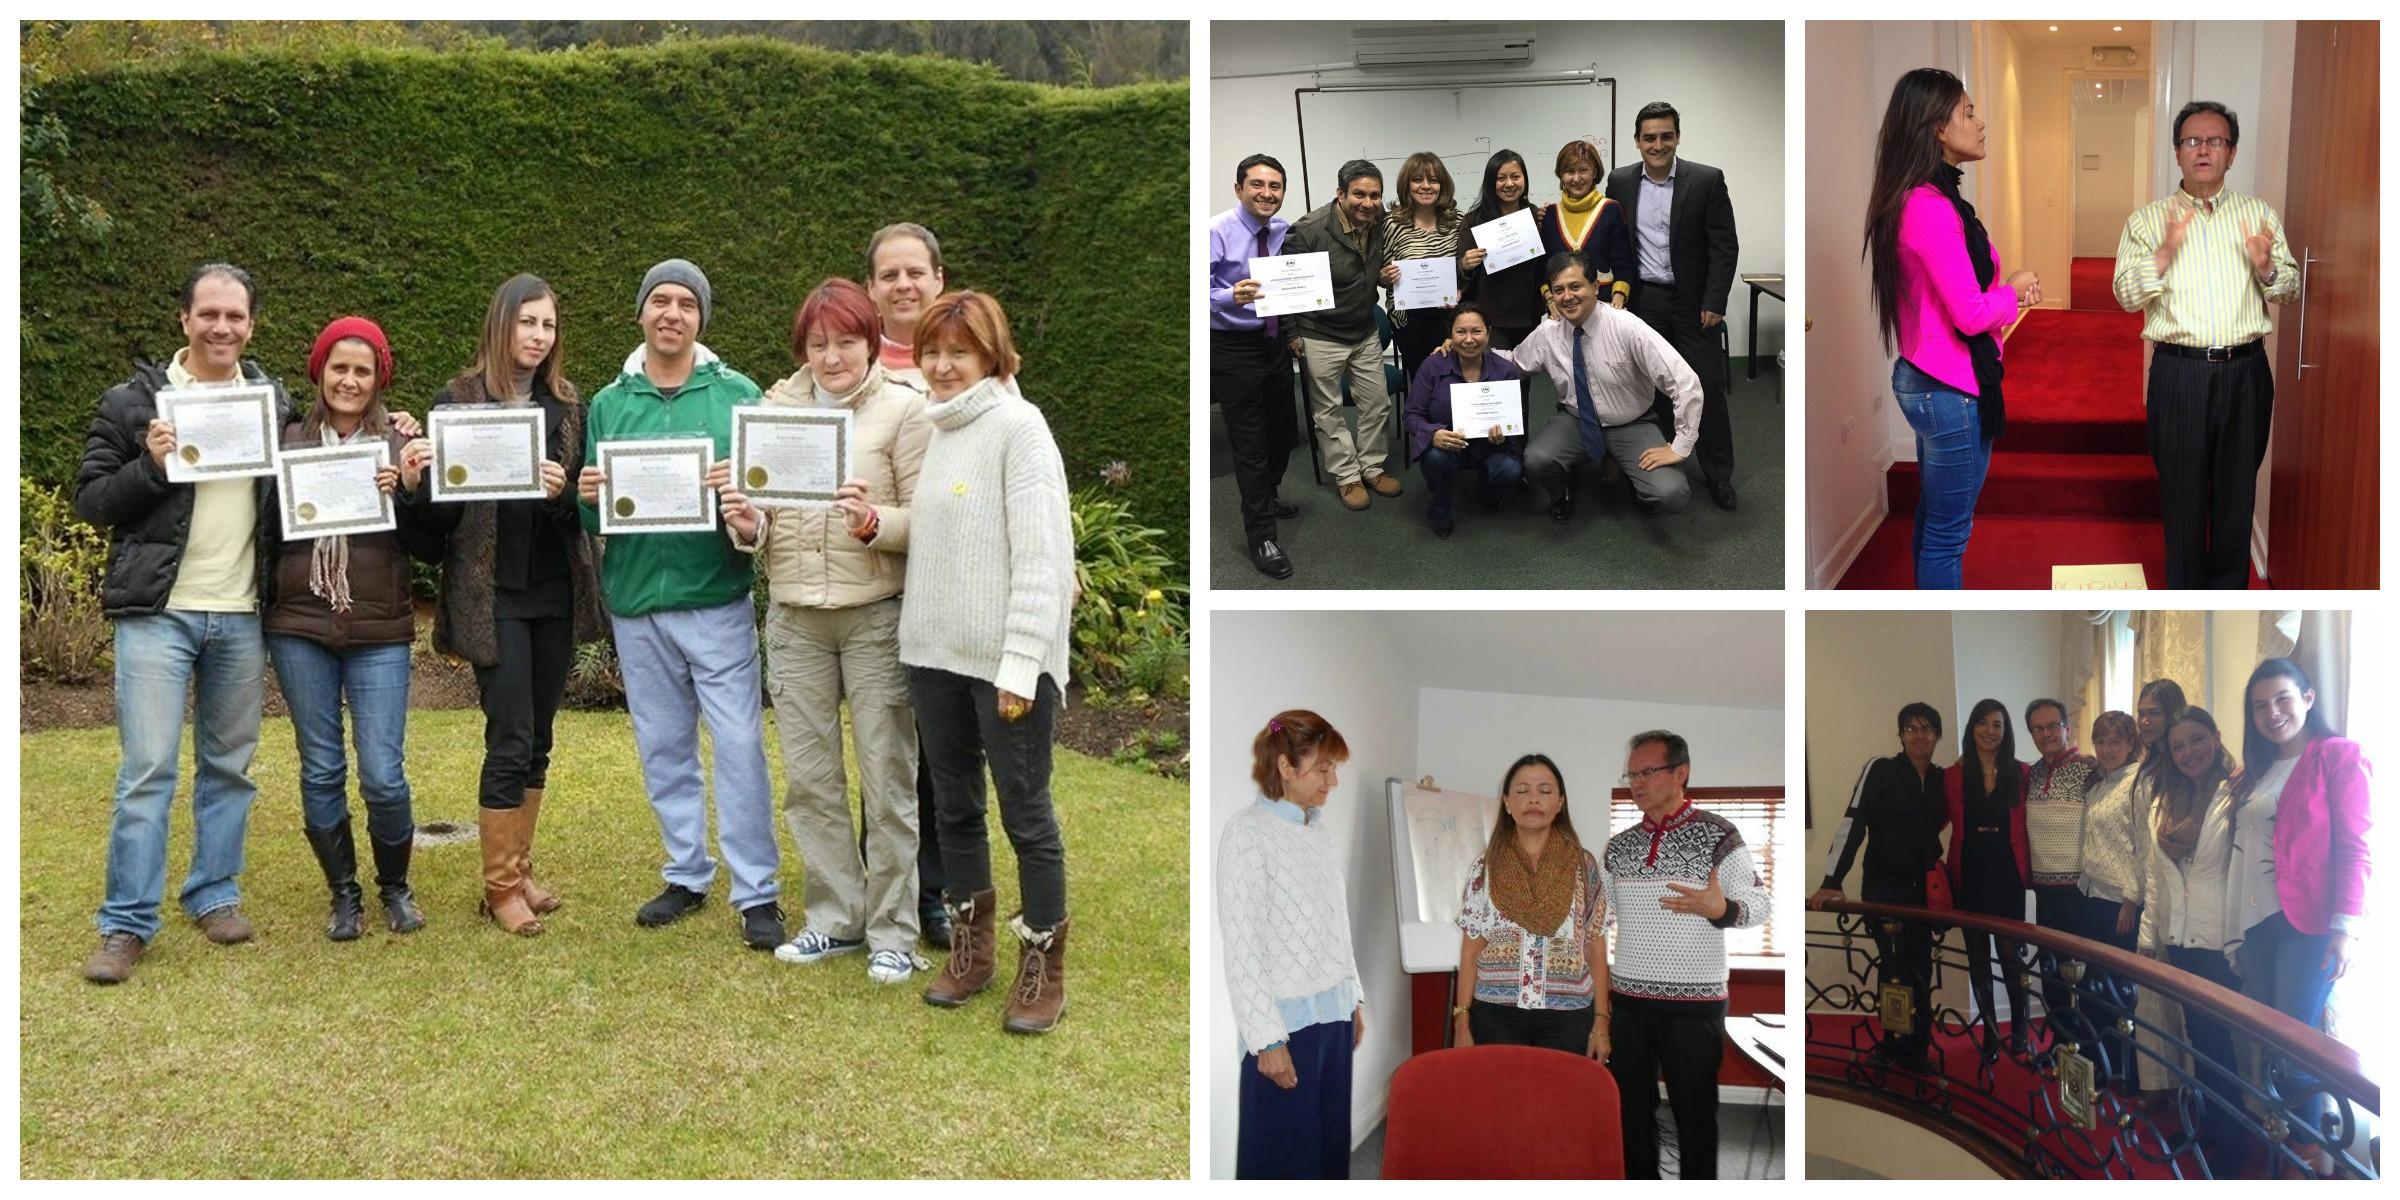 certificados-pnl-comunidad-crea-felicidad